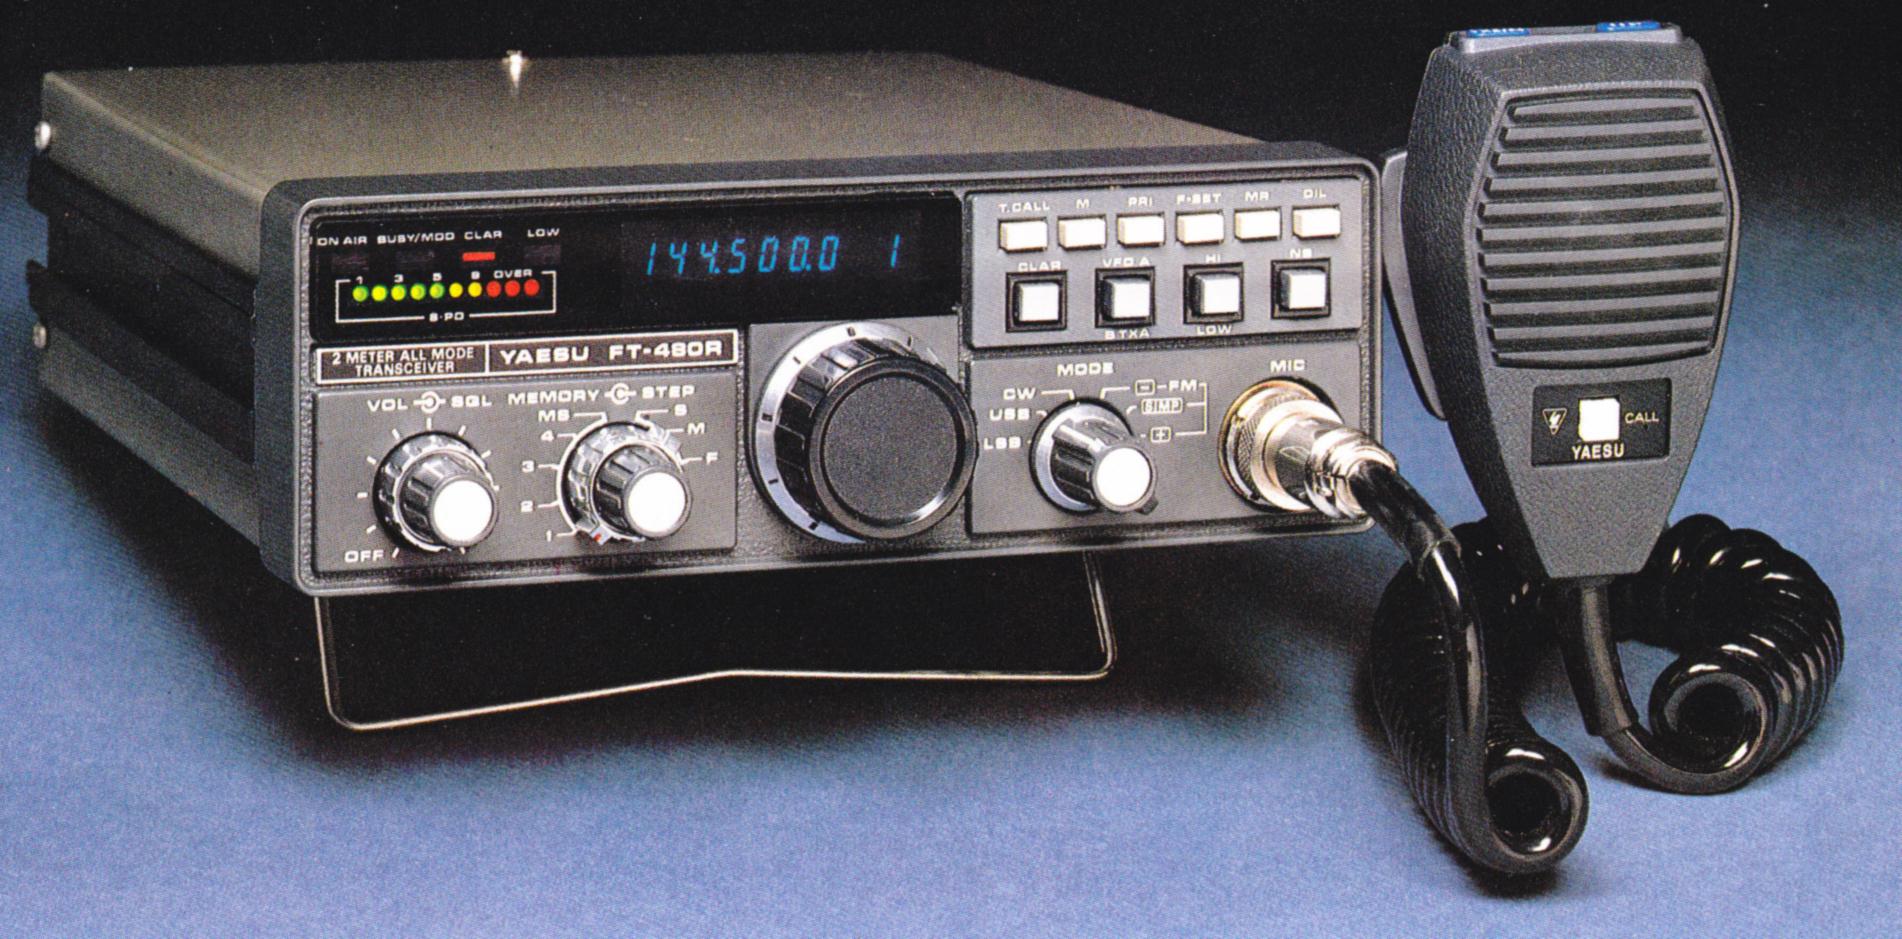 yaesu ft 480r multimode transceiver